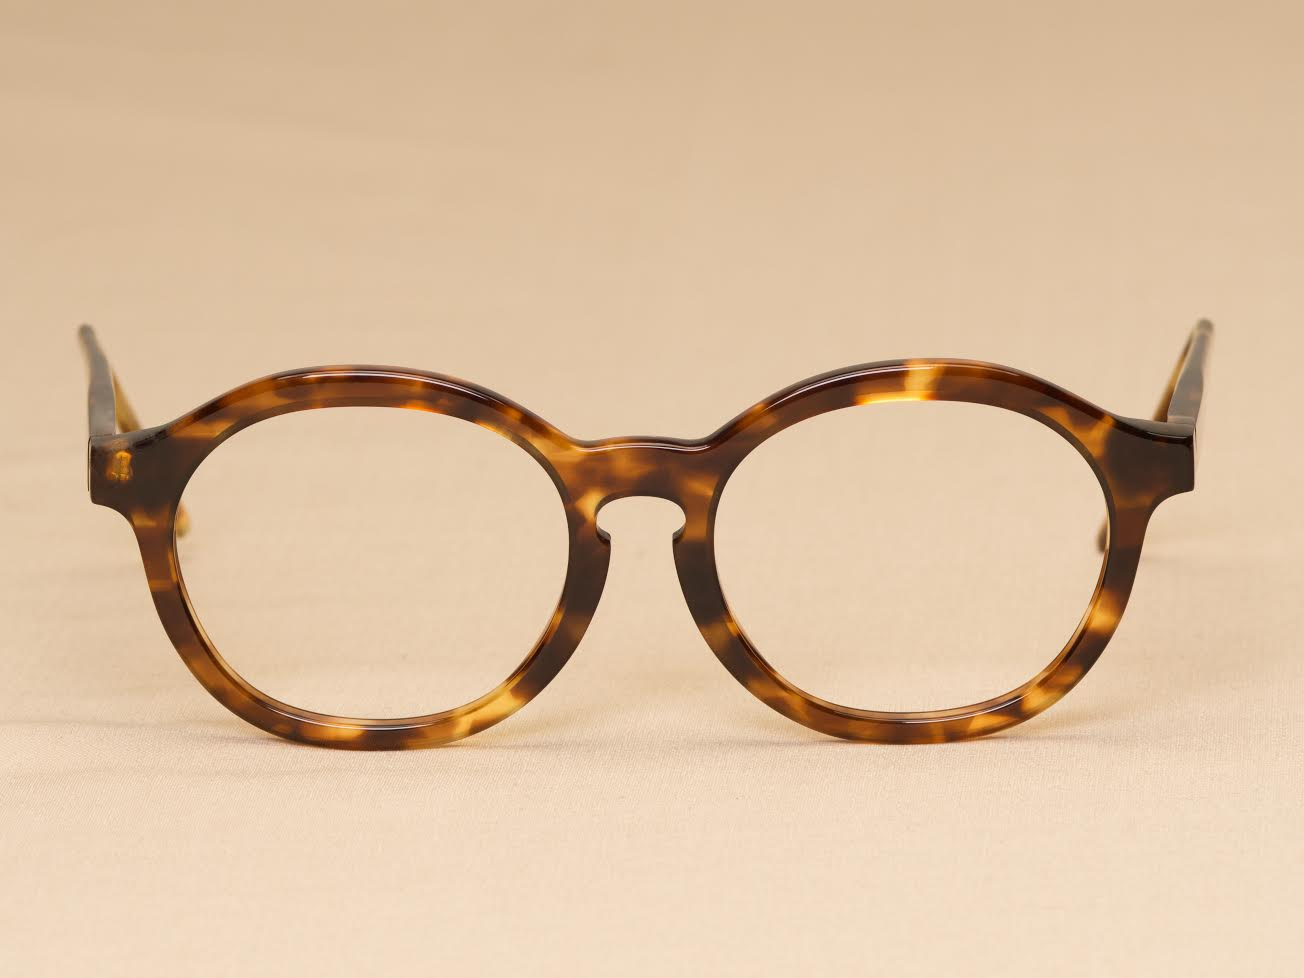 Indivijual-Custom-Glasses-8.jpg